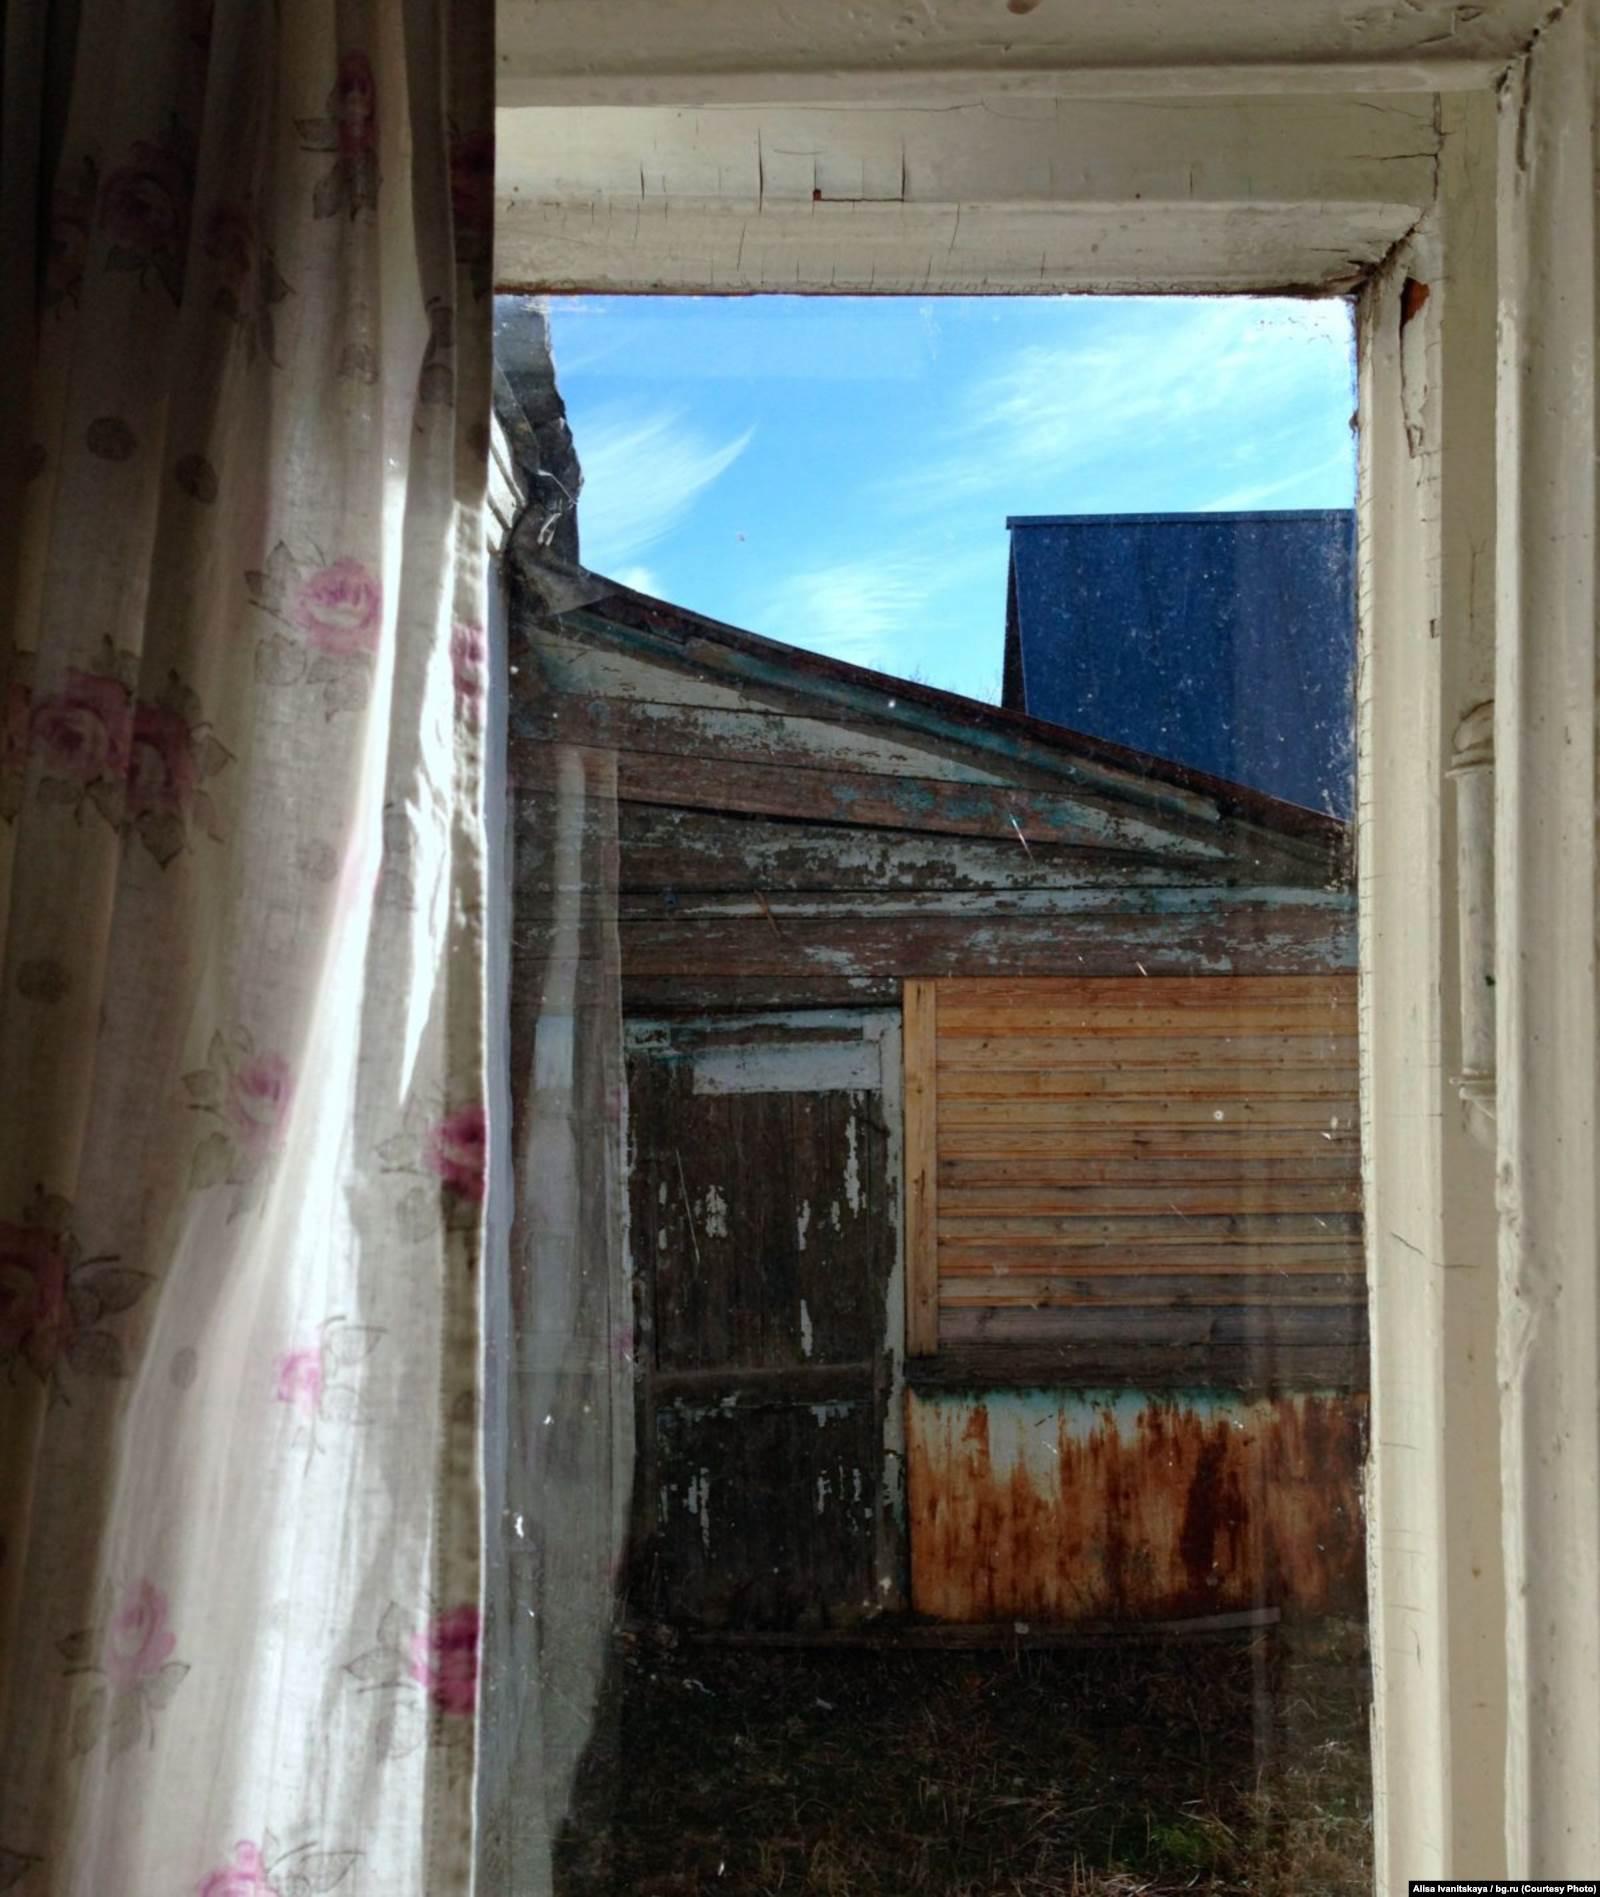 Вид на пристройку, где, по утверждению соседей, в 2014 году жил «подполковник Юшин с женой и тремя детьми»